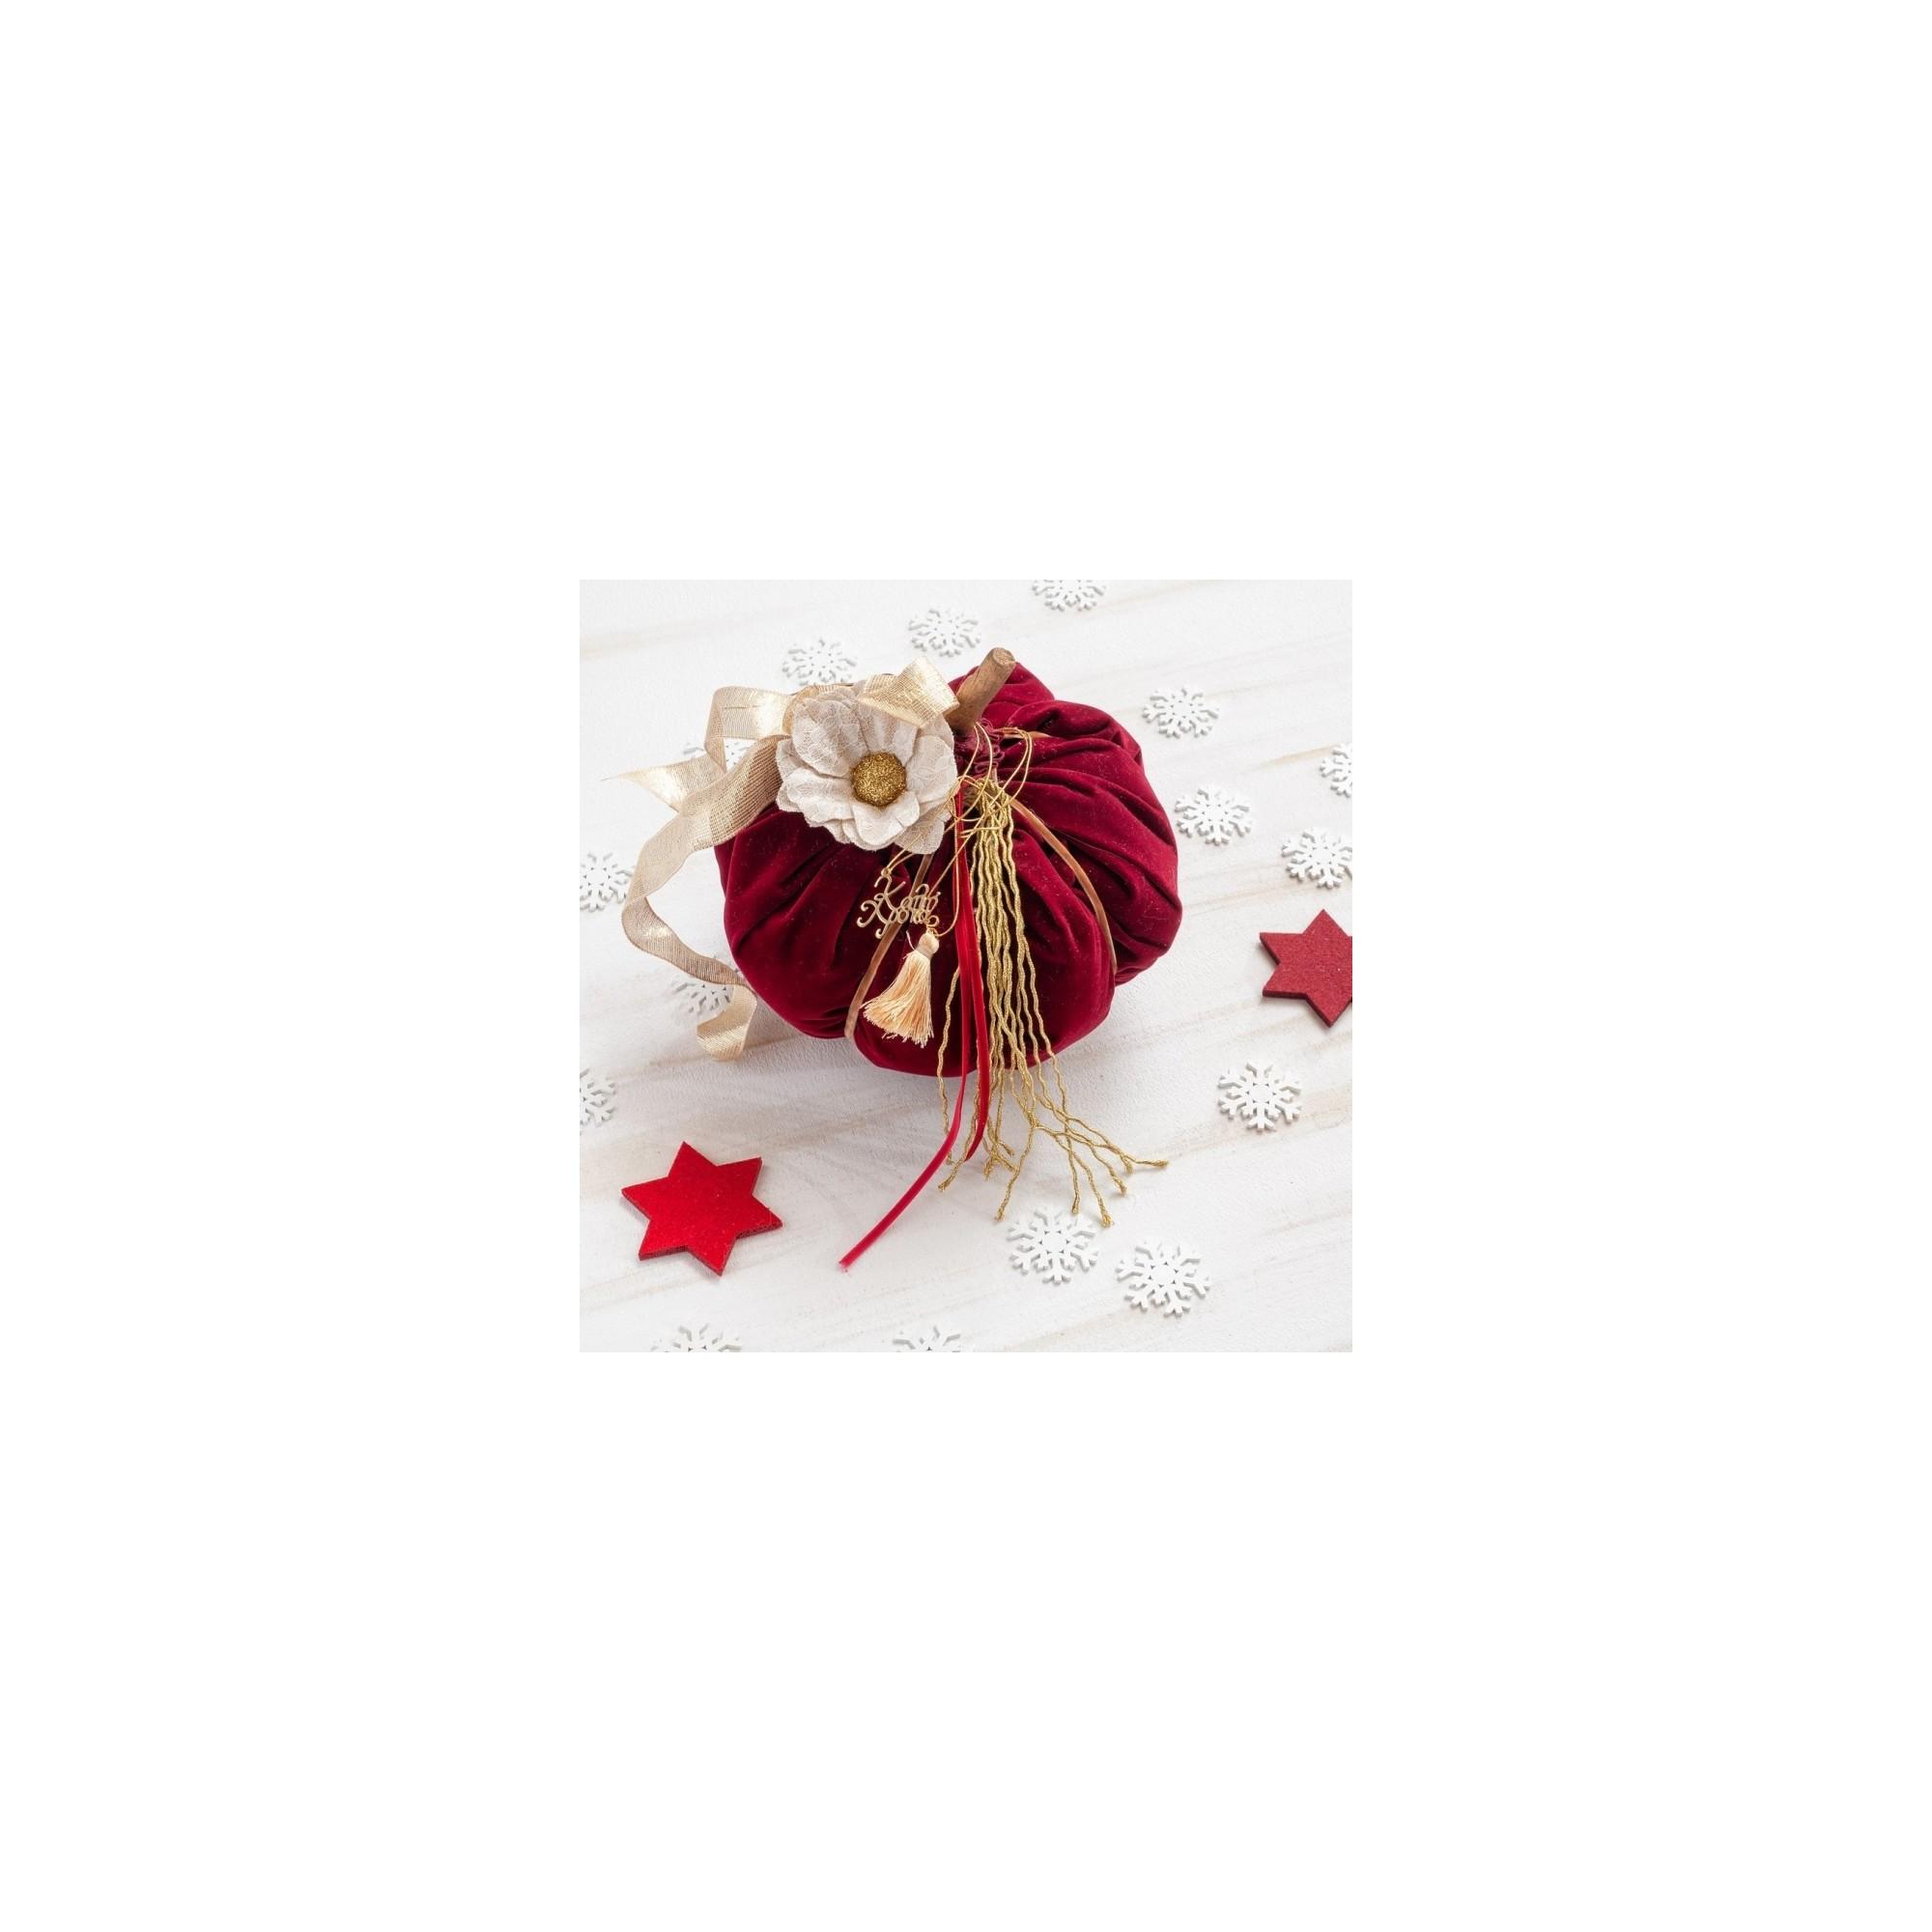 Χριστουγεννιάτικη Διακοσμητική κολοκύθα - PAR-14804